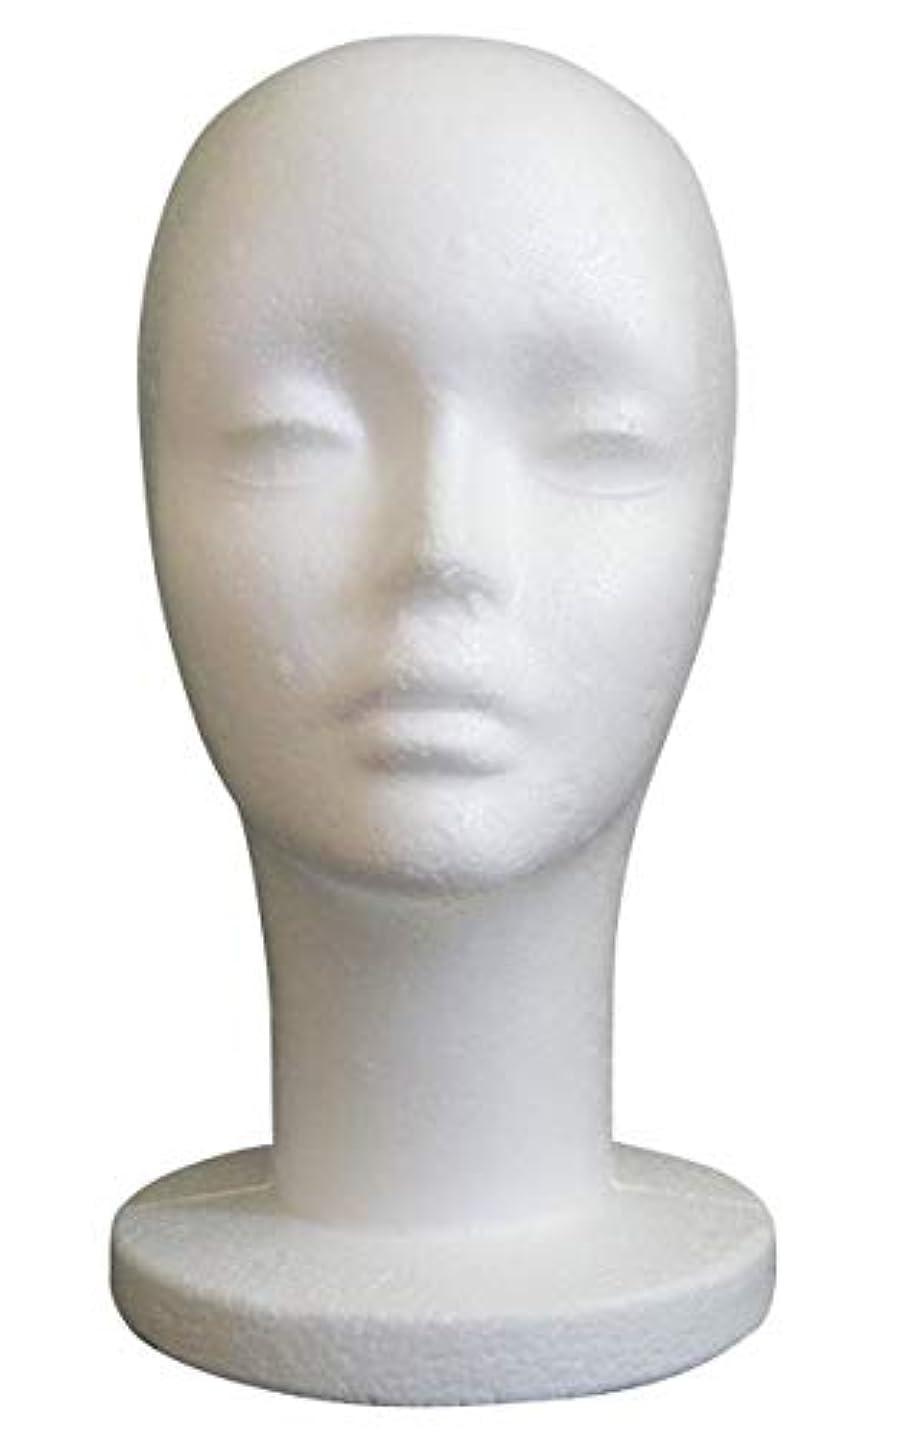 思い出させる評決害虫GJTr マネキンヘッド マネキン ヘッド トルソー 頭 ウィッグ スタンド ディスプレイ 女性 女